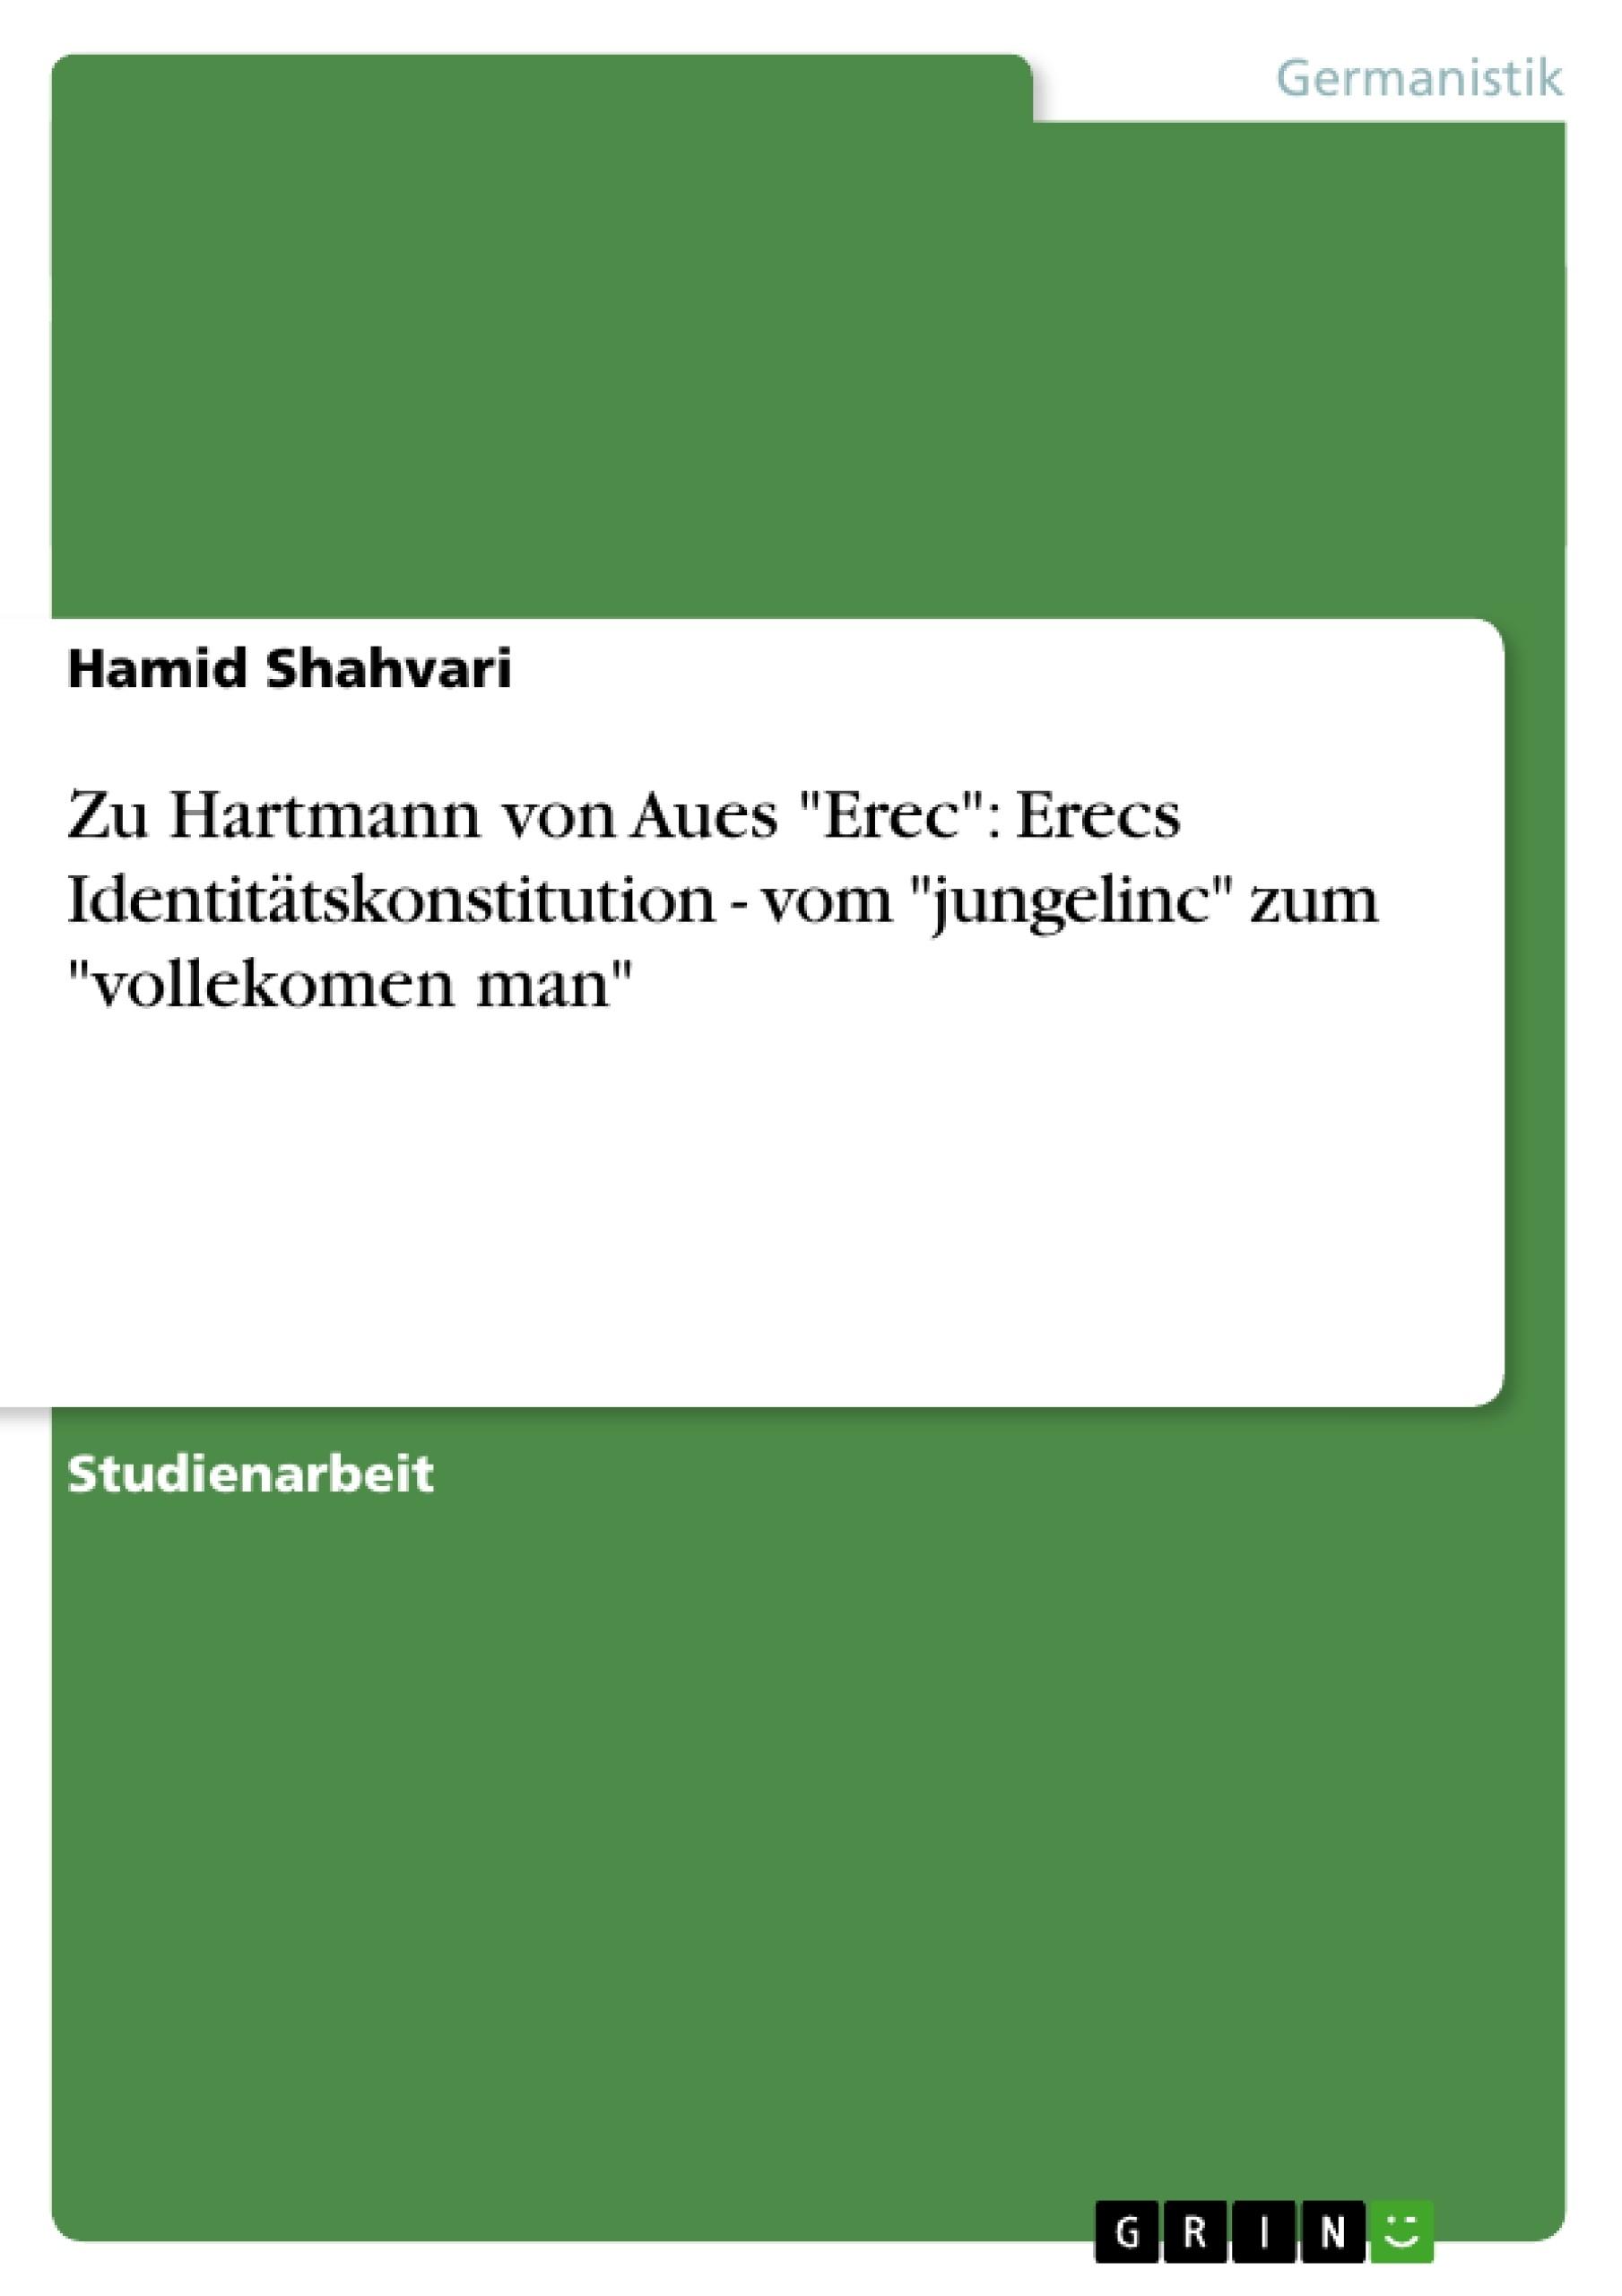 """Titel: Zu Hartmann von Aues """"Erec"""": Erecs Identitätskonstitution - vom """"jungelinc"""" zum """"vollekomen man"""""""